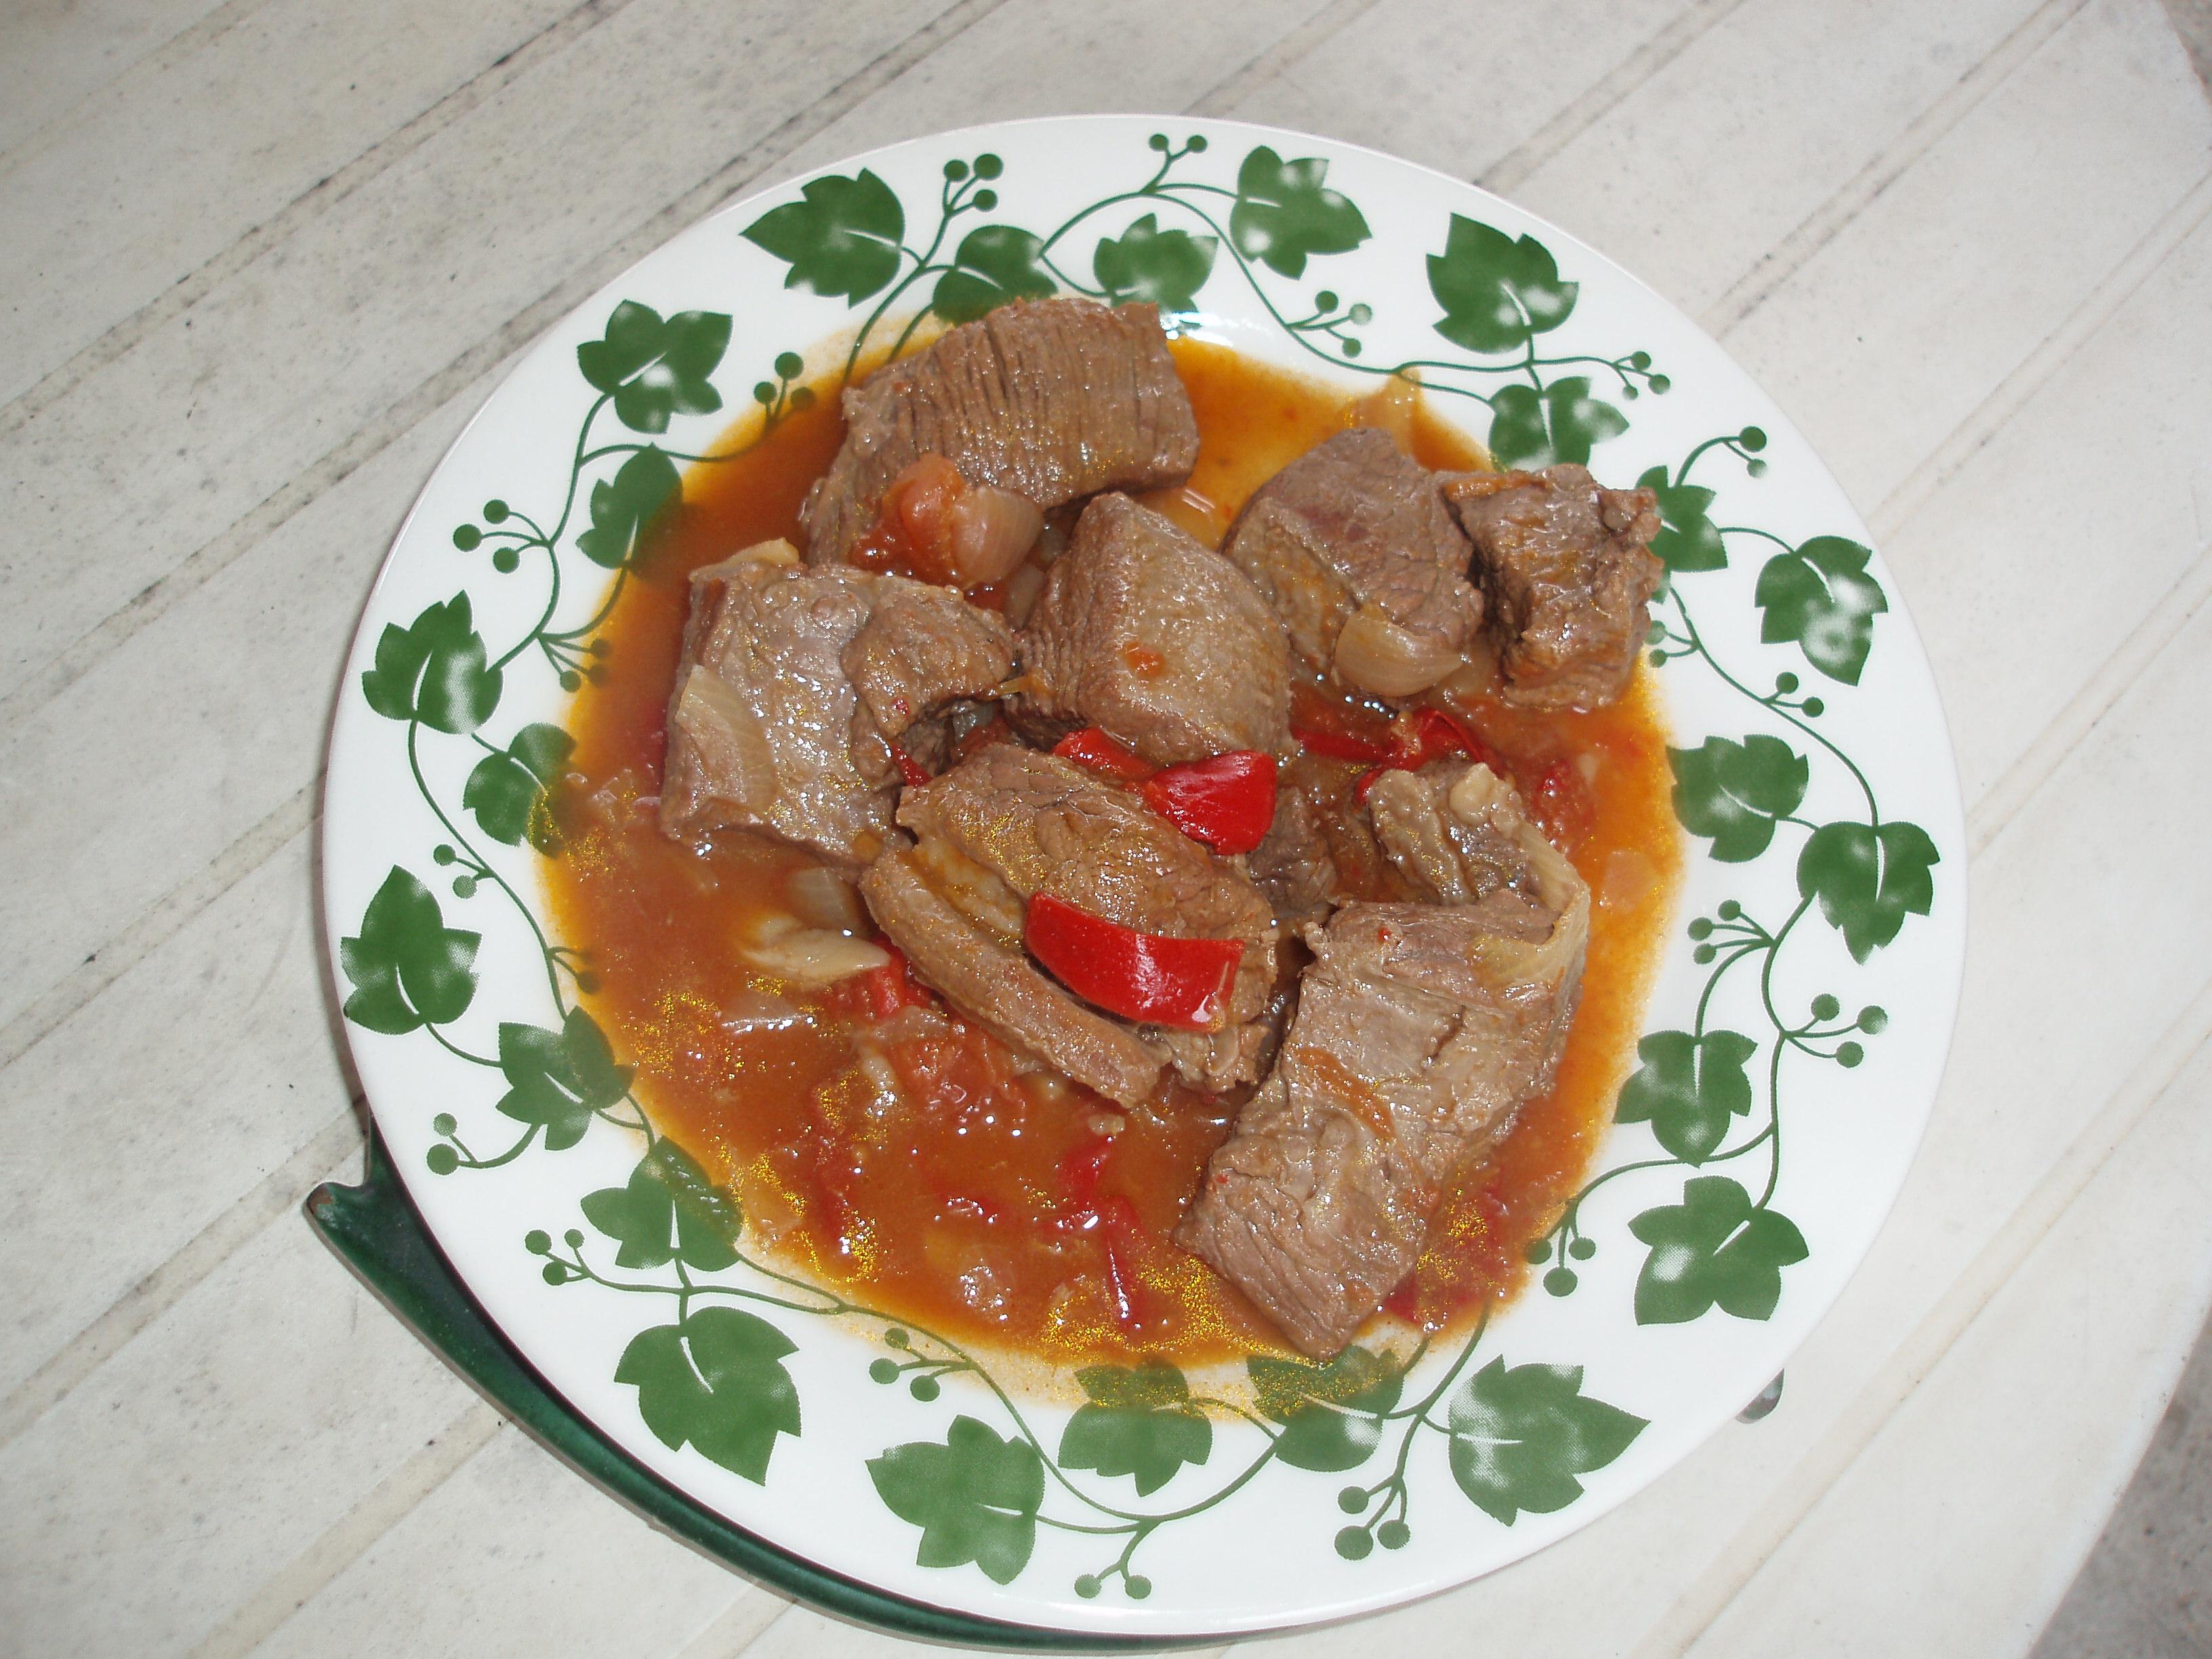 Une goulash hongroise recette facile le blog d for Cuisine hongroise